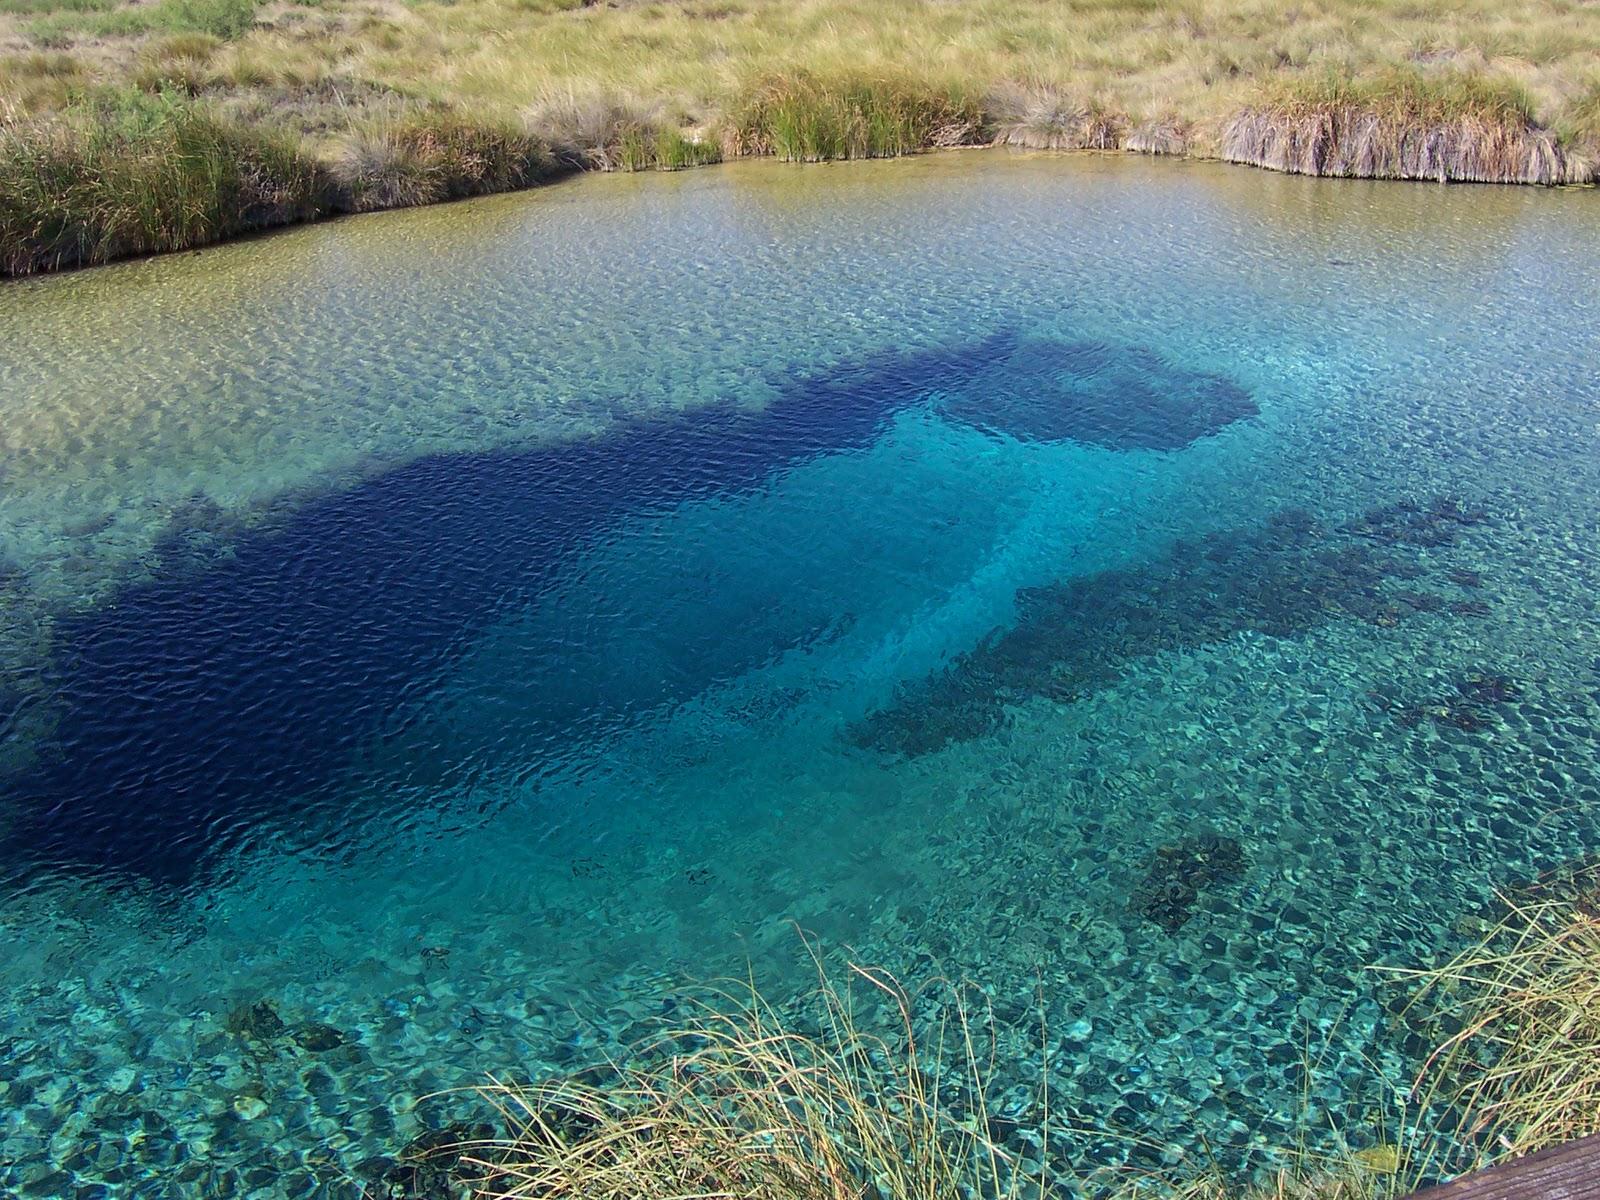 Los ambientes acu ticos ambientes acuaticos del pasado for Ambientes de argentina